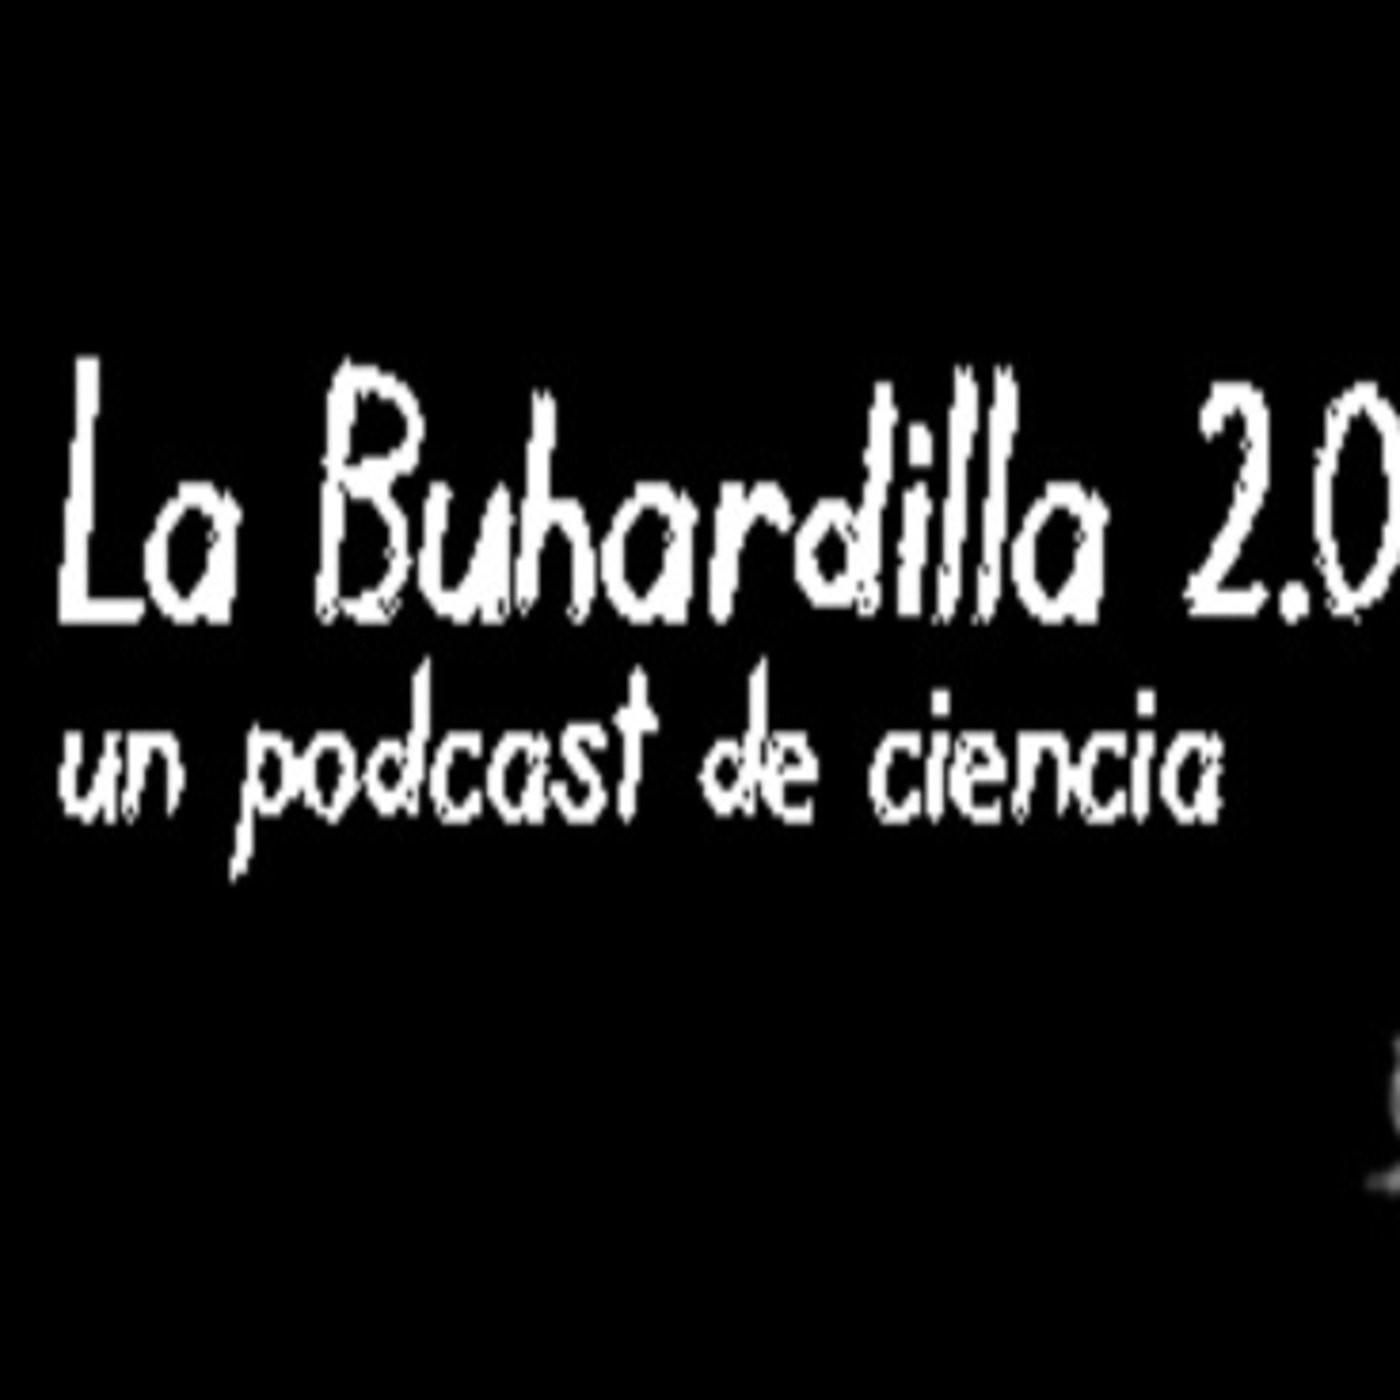 La Buhardilla 2.0 Pograma 135 Astrofotografía con @elbesoenlaluna